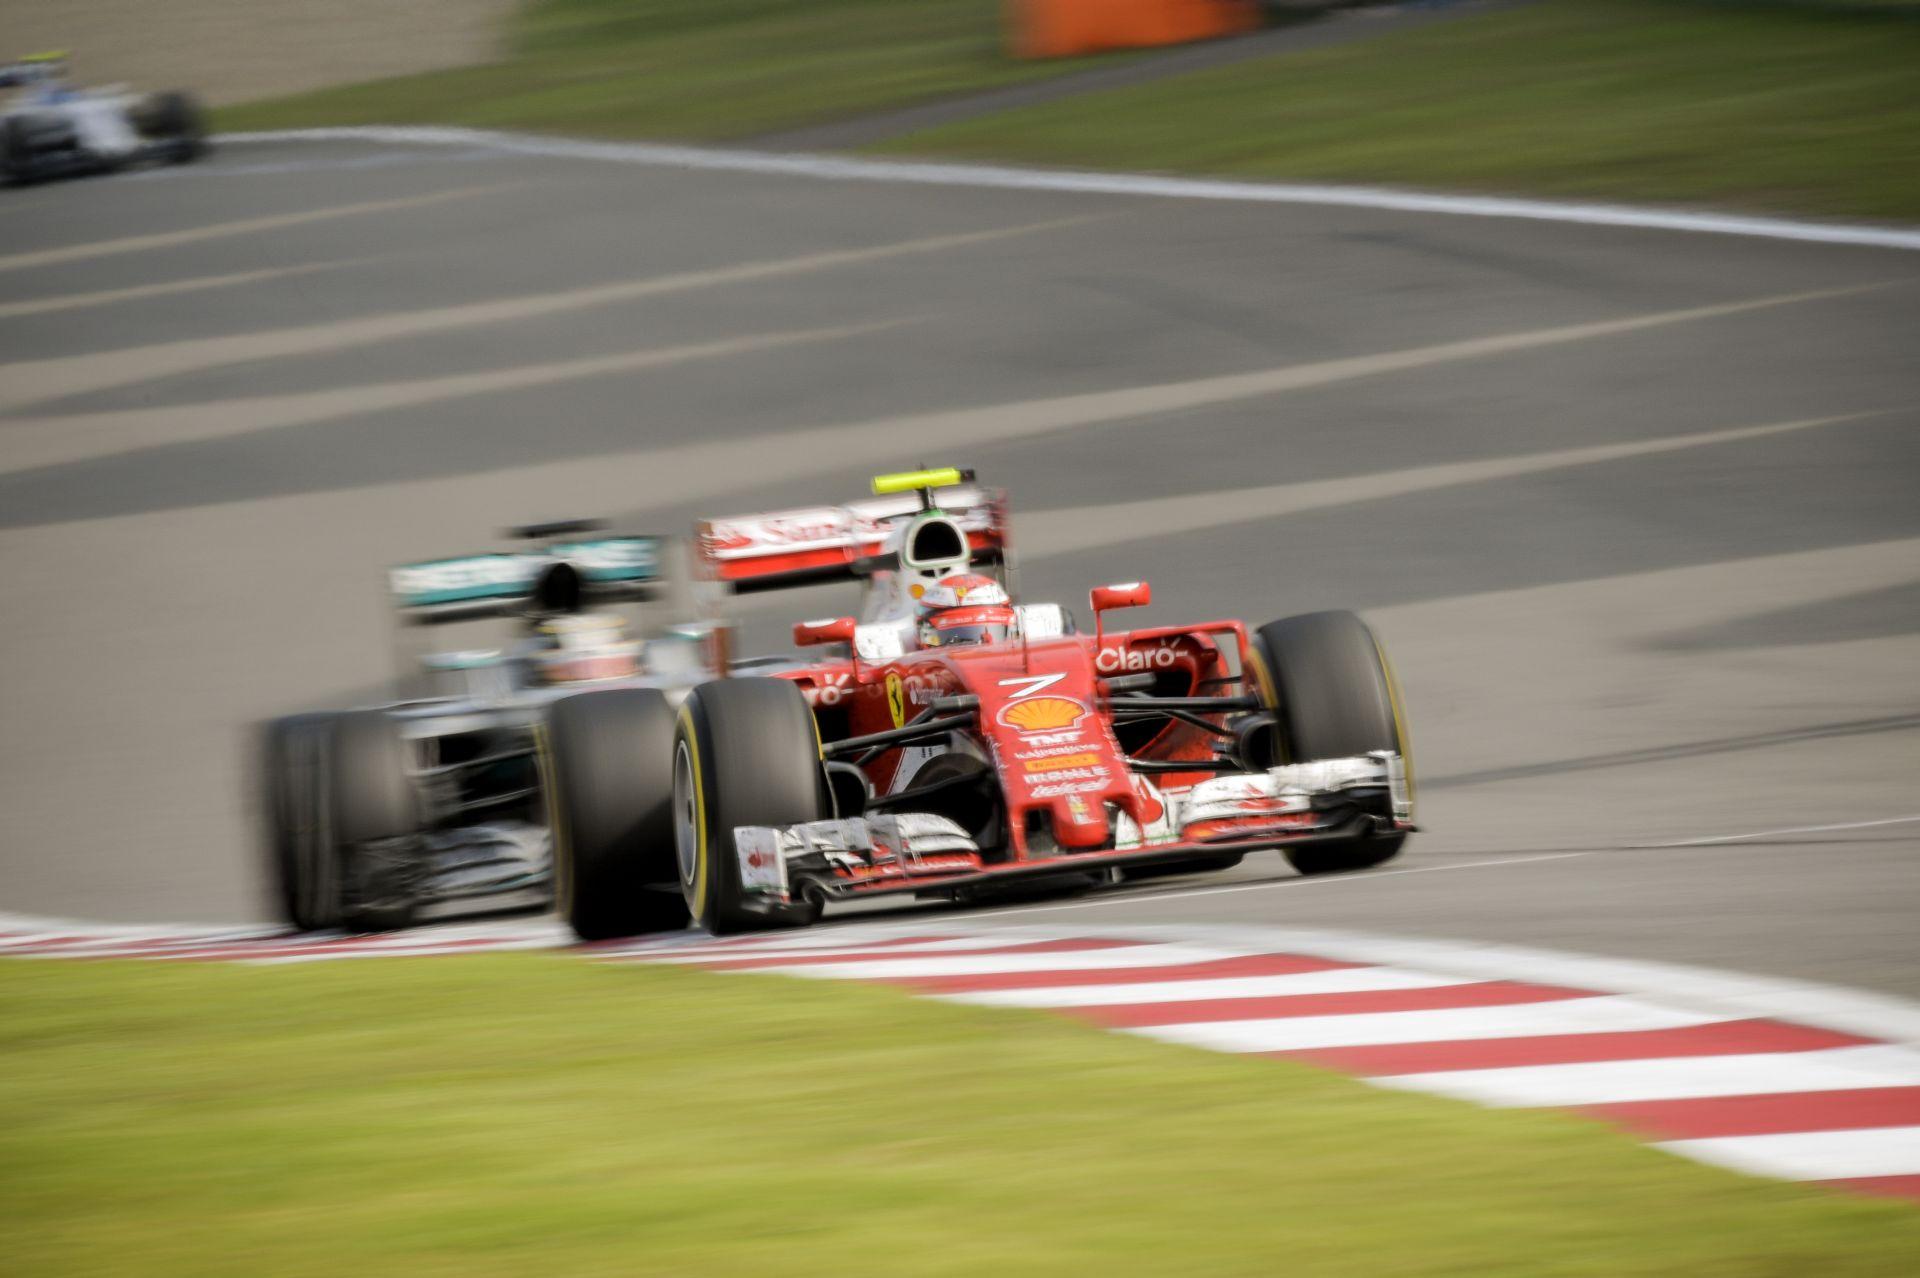 Videón, ahogy Hamilton és Räikkönen is elmegy Ericsson mellett! Micsoda trió!